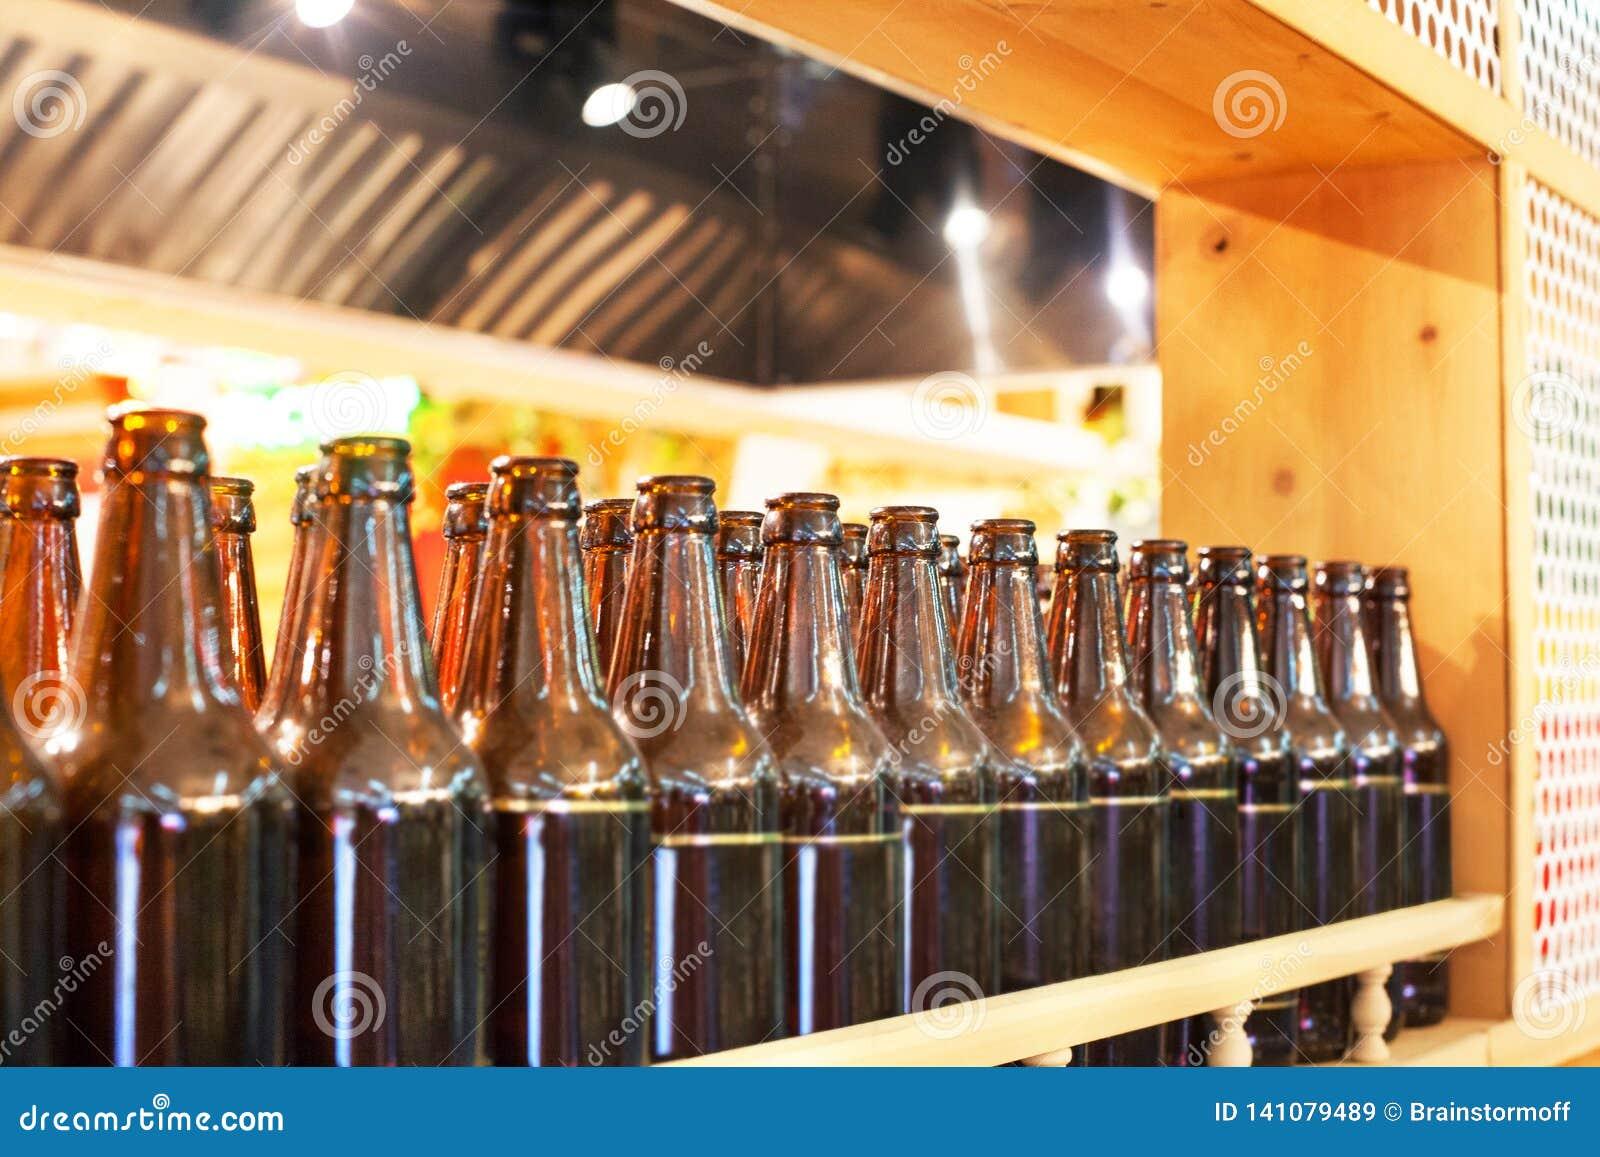 Brown-Glasflaschen Bier in der Reihe auf hölzernem Regal, Innenarchitektur der Bar, Bierprobierenkonzept, Nachtlebenart, Brauerei